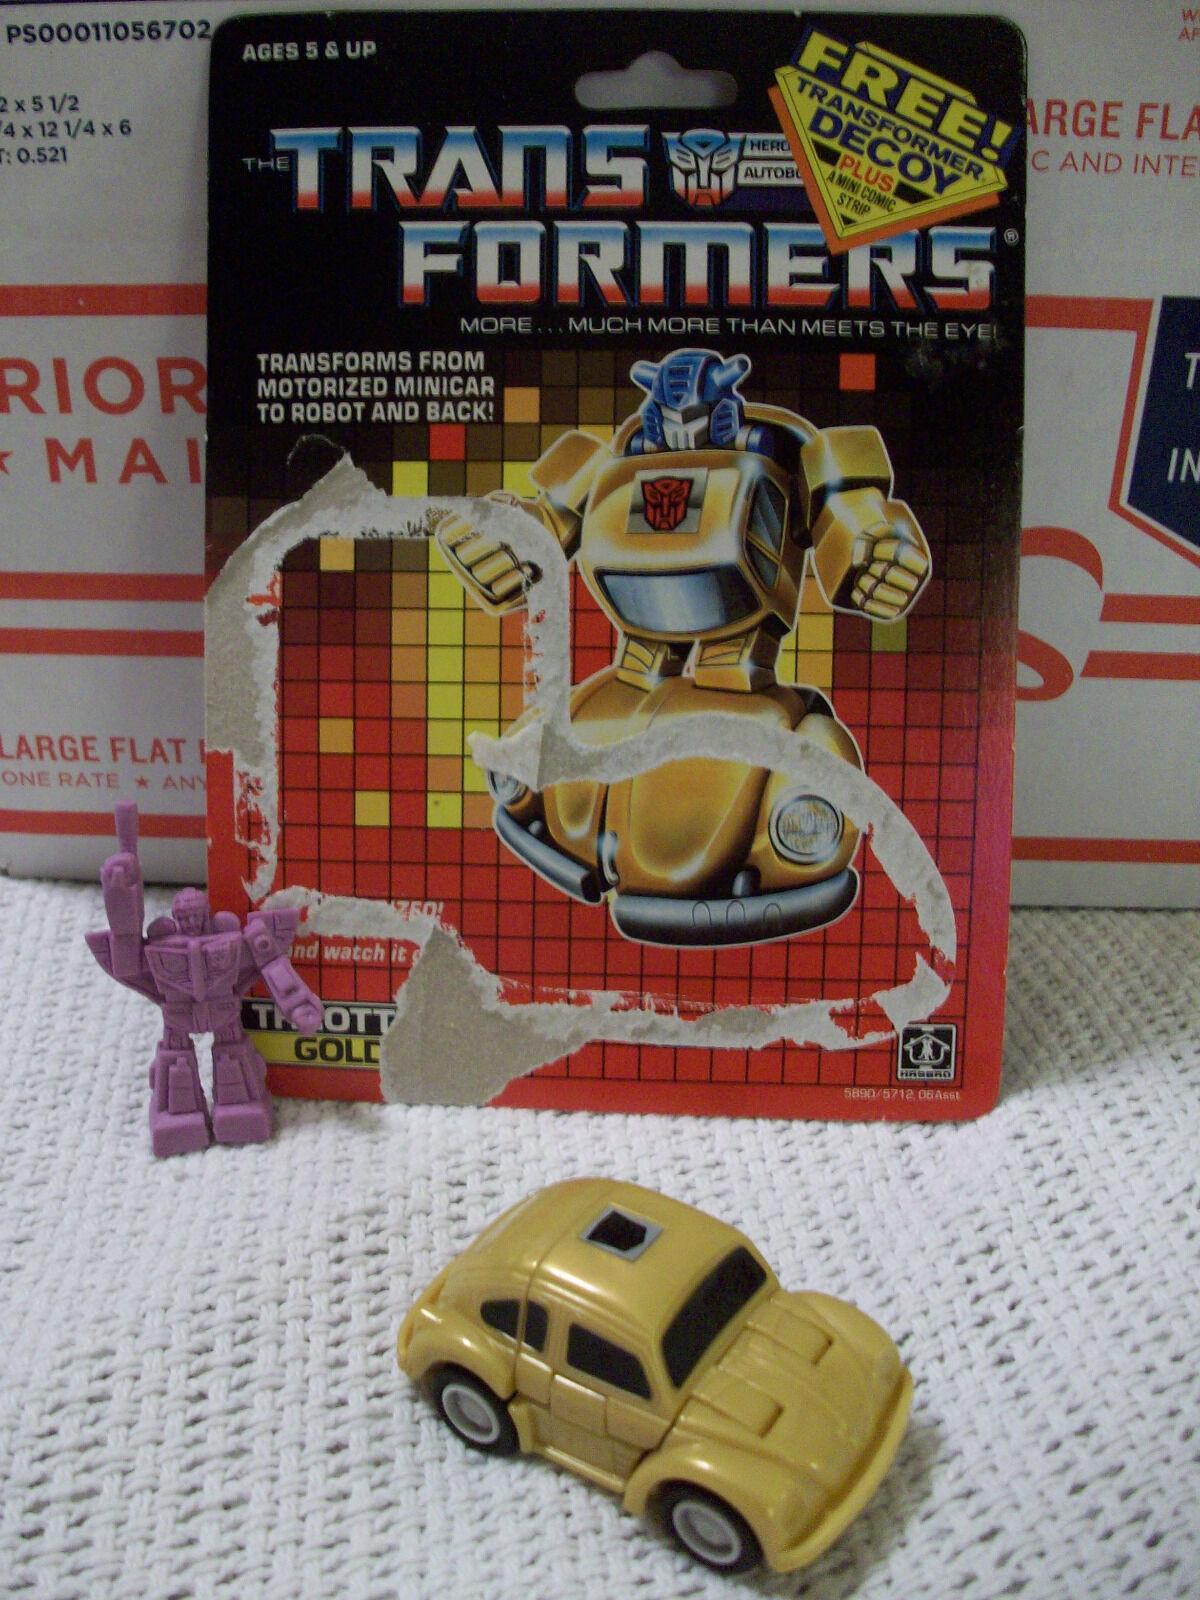 Transformers 1987 Thredtlebot goldbug 1986 Astredrain Decoy Card G1 Bumblebee Bumblebee Bumblebee 8ce0ba